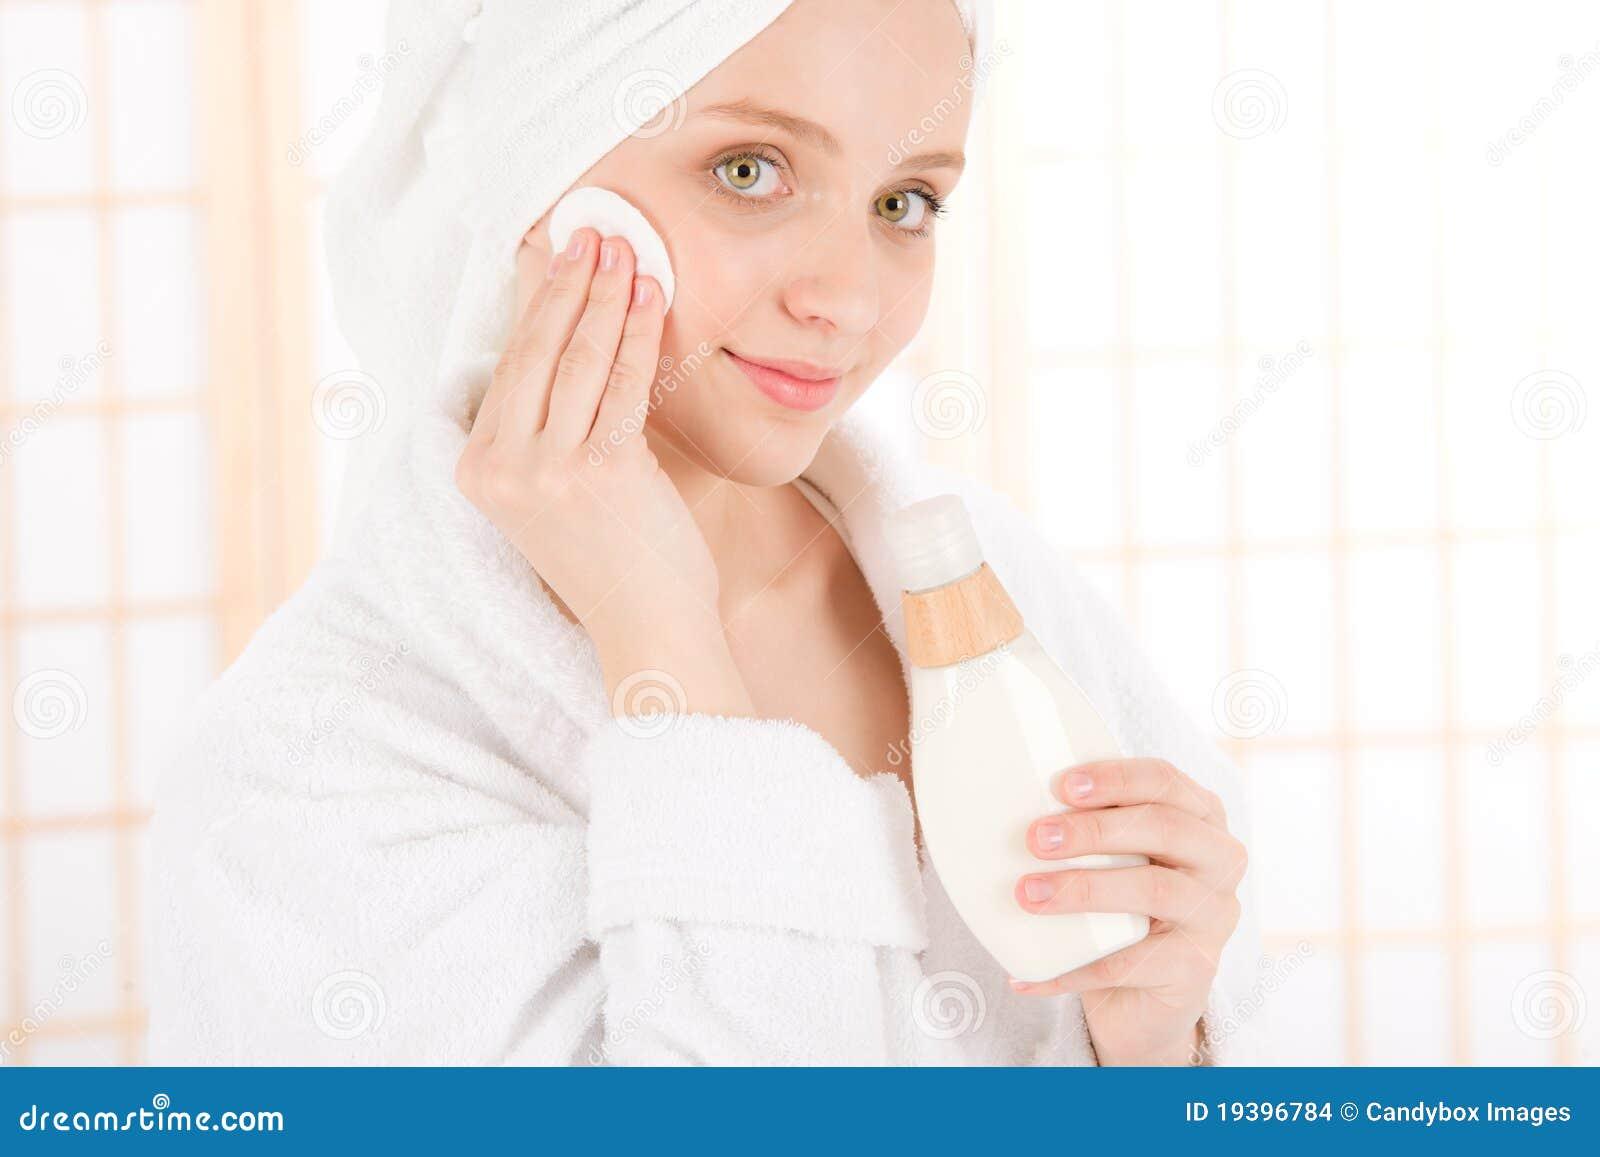 женщина подростка кожи внимательности угорь чистая лицевая